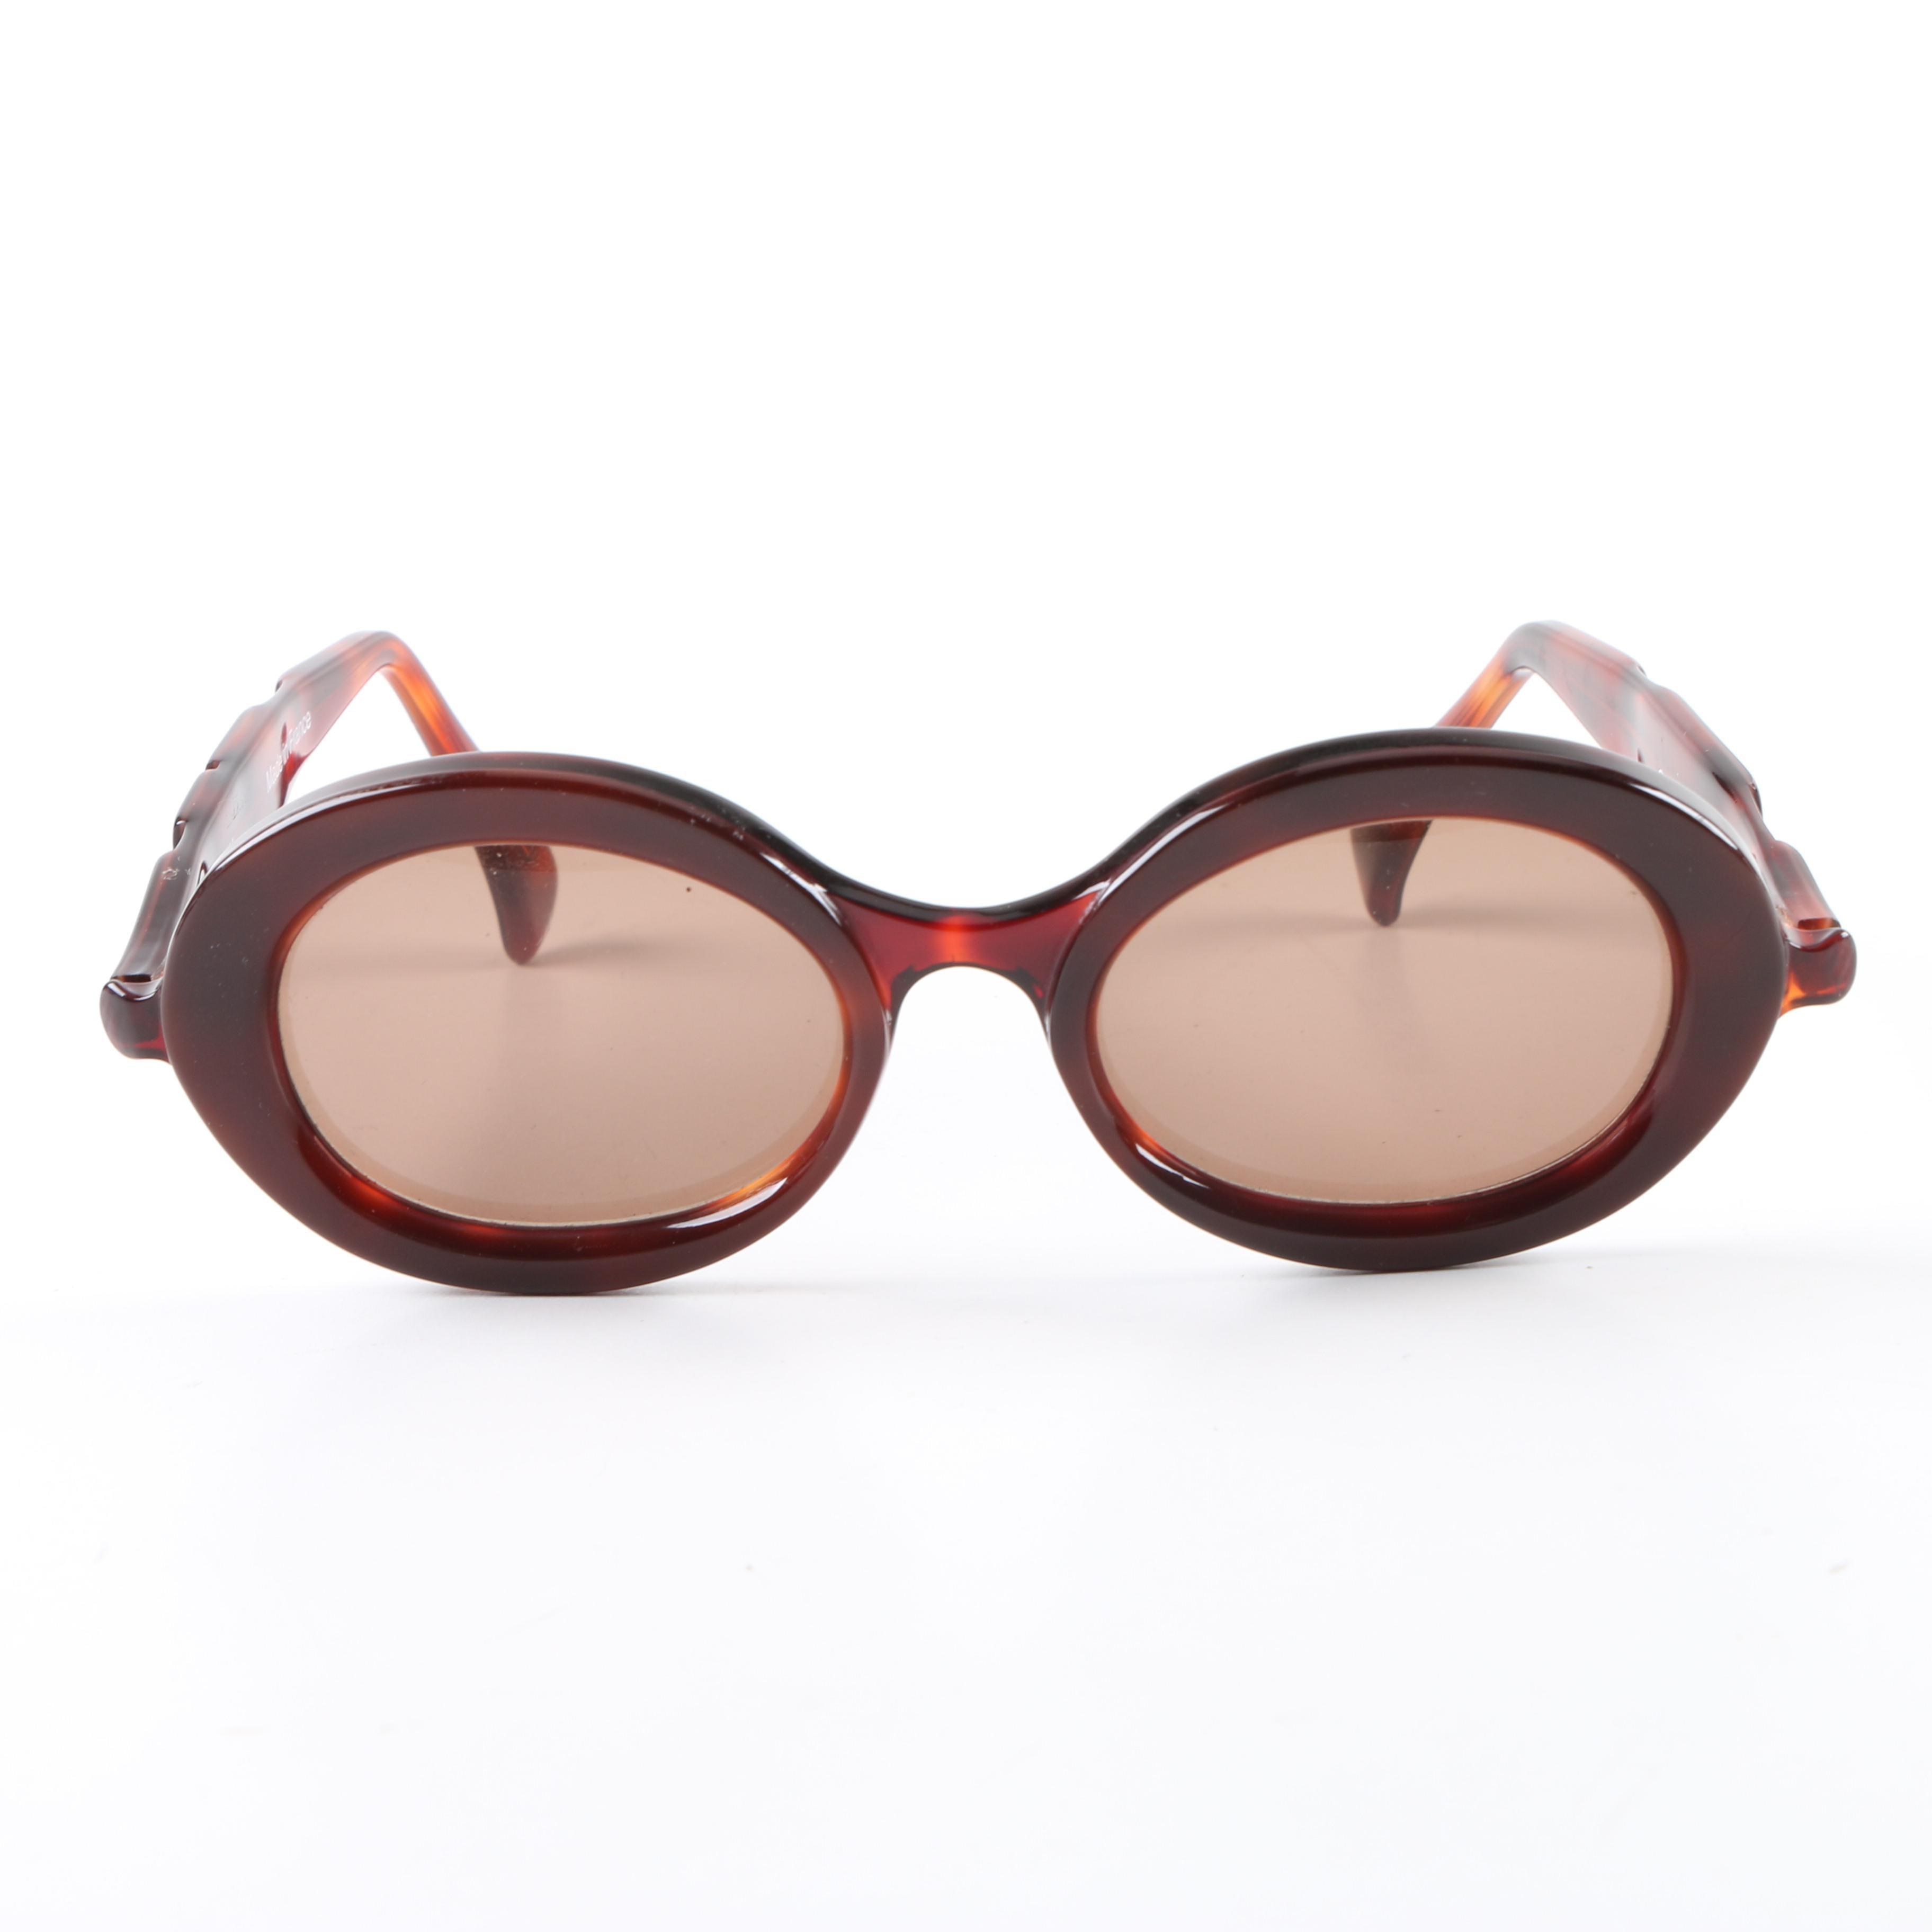 Anne et Valentin Cerise Tortoiseshell Style Sunglasses, Made in France